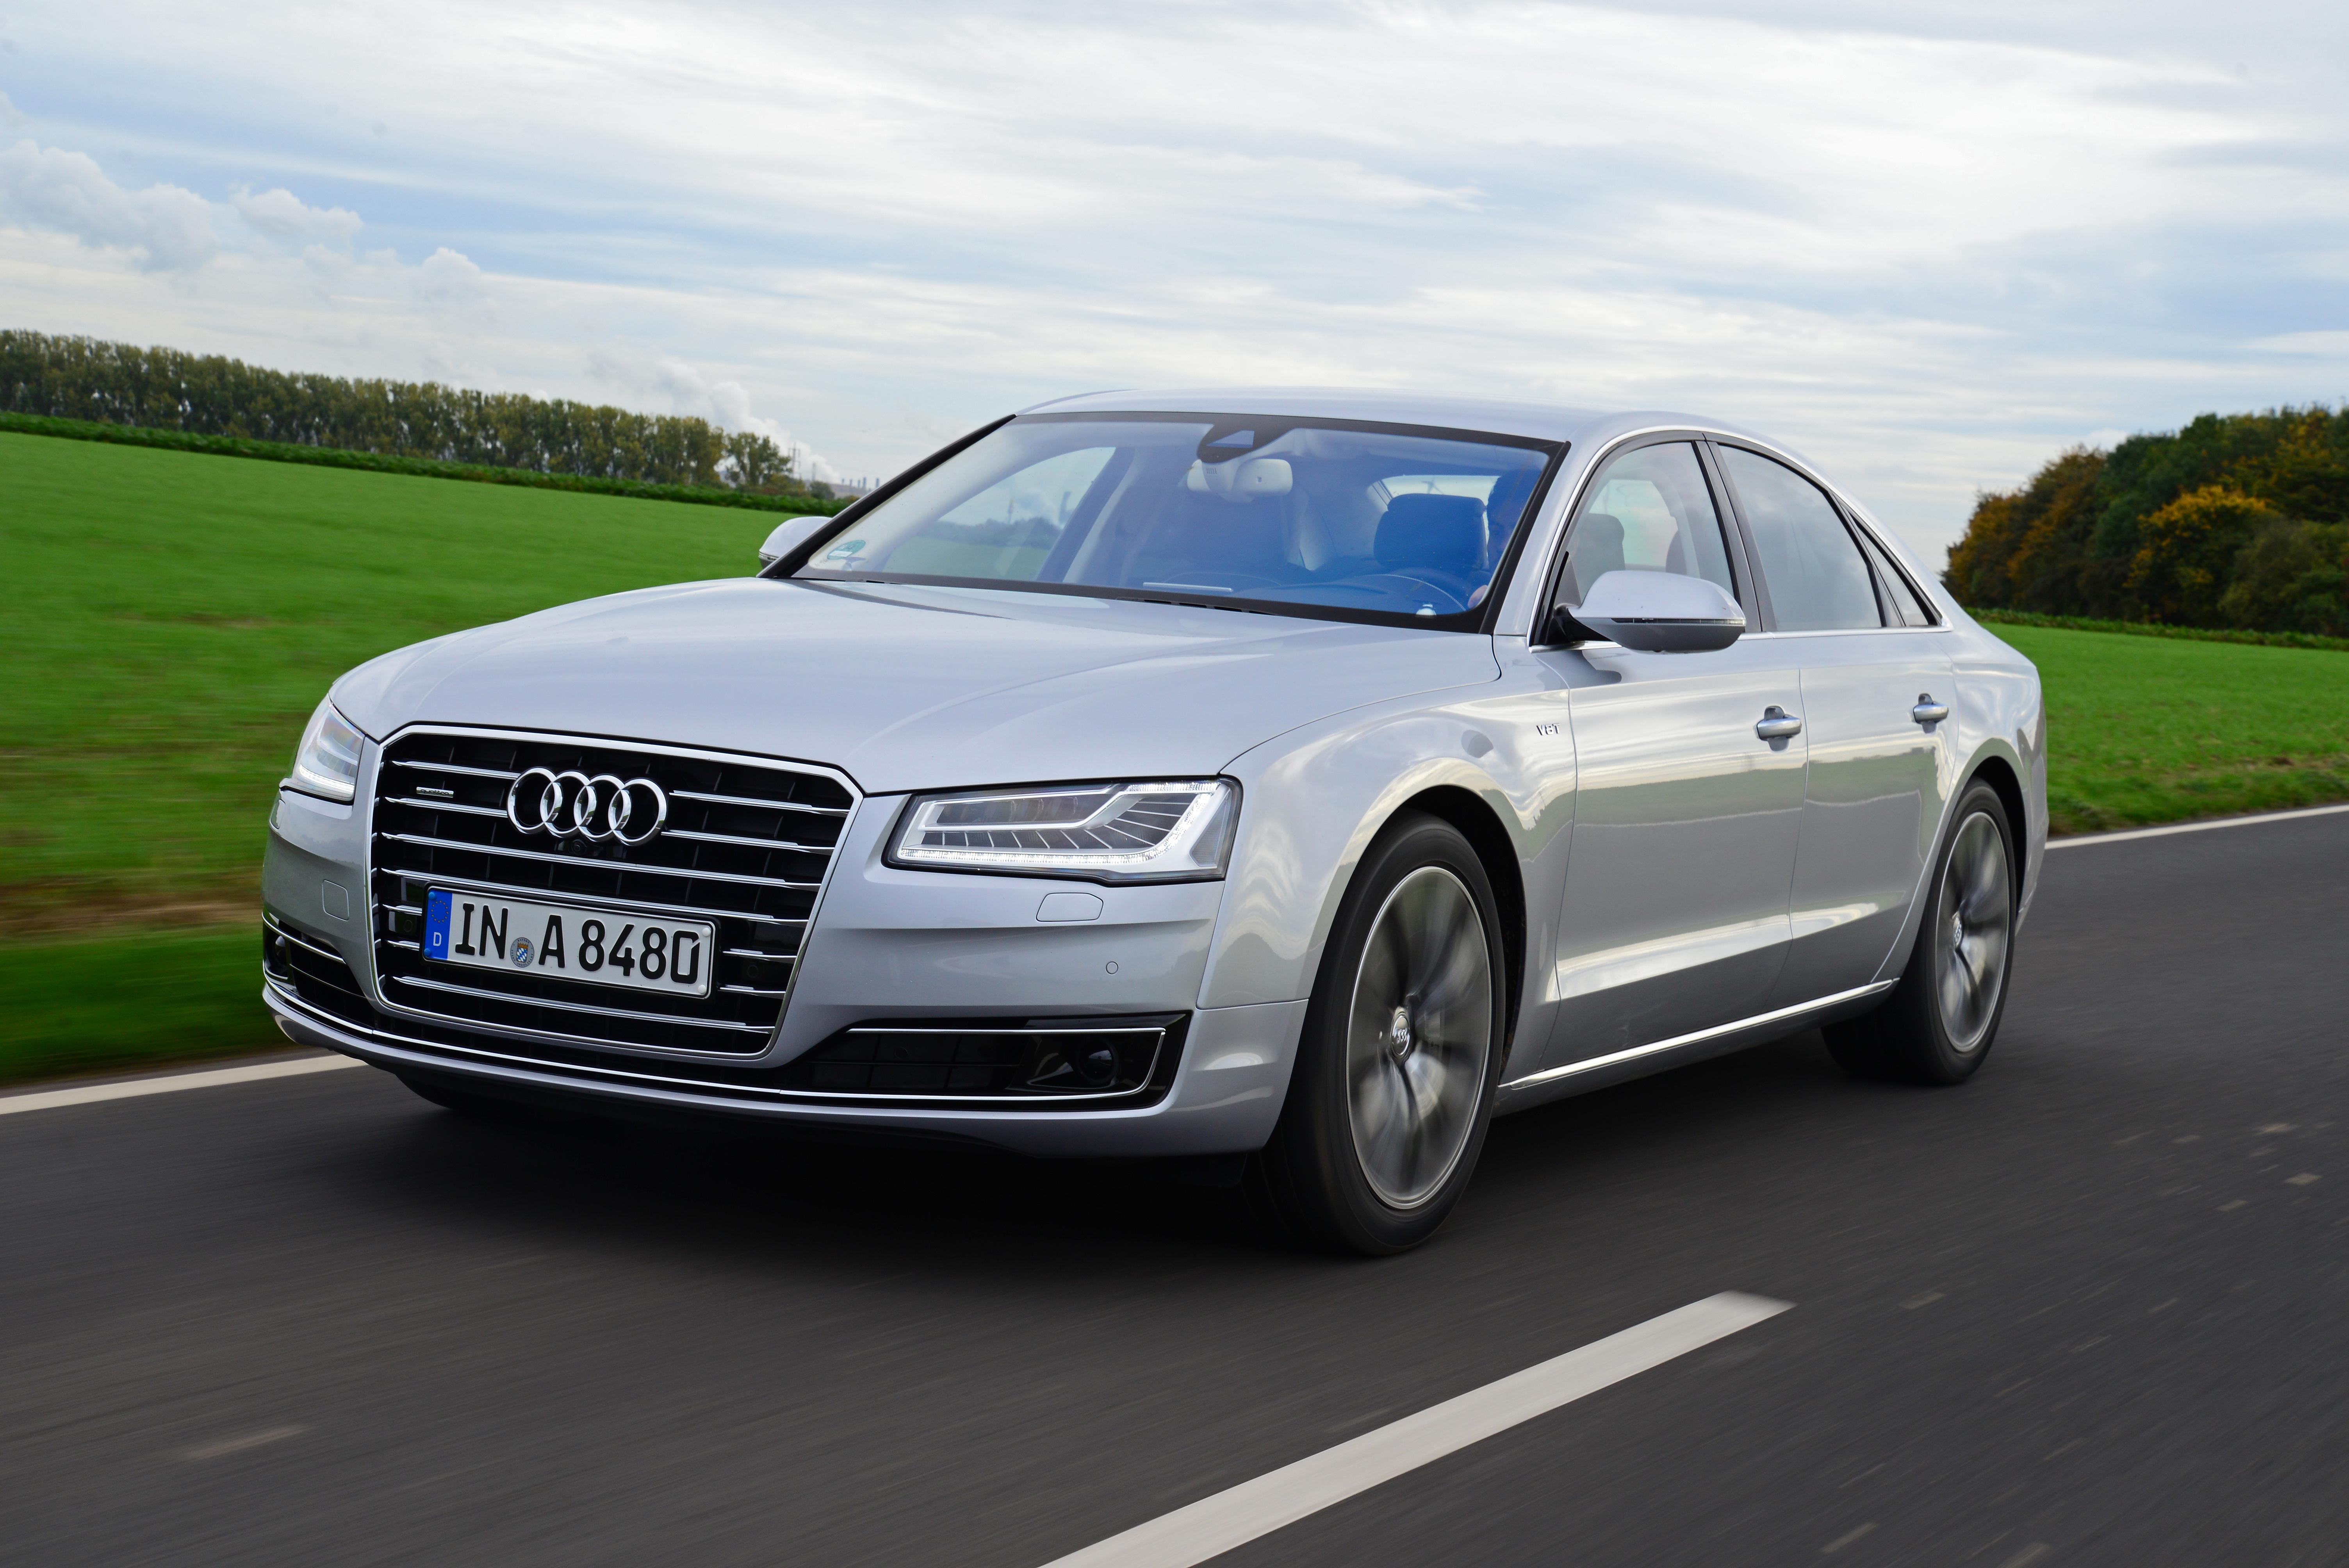 Kekurangan Audi A8 4.2 V8 Perbandingan Harga